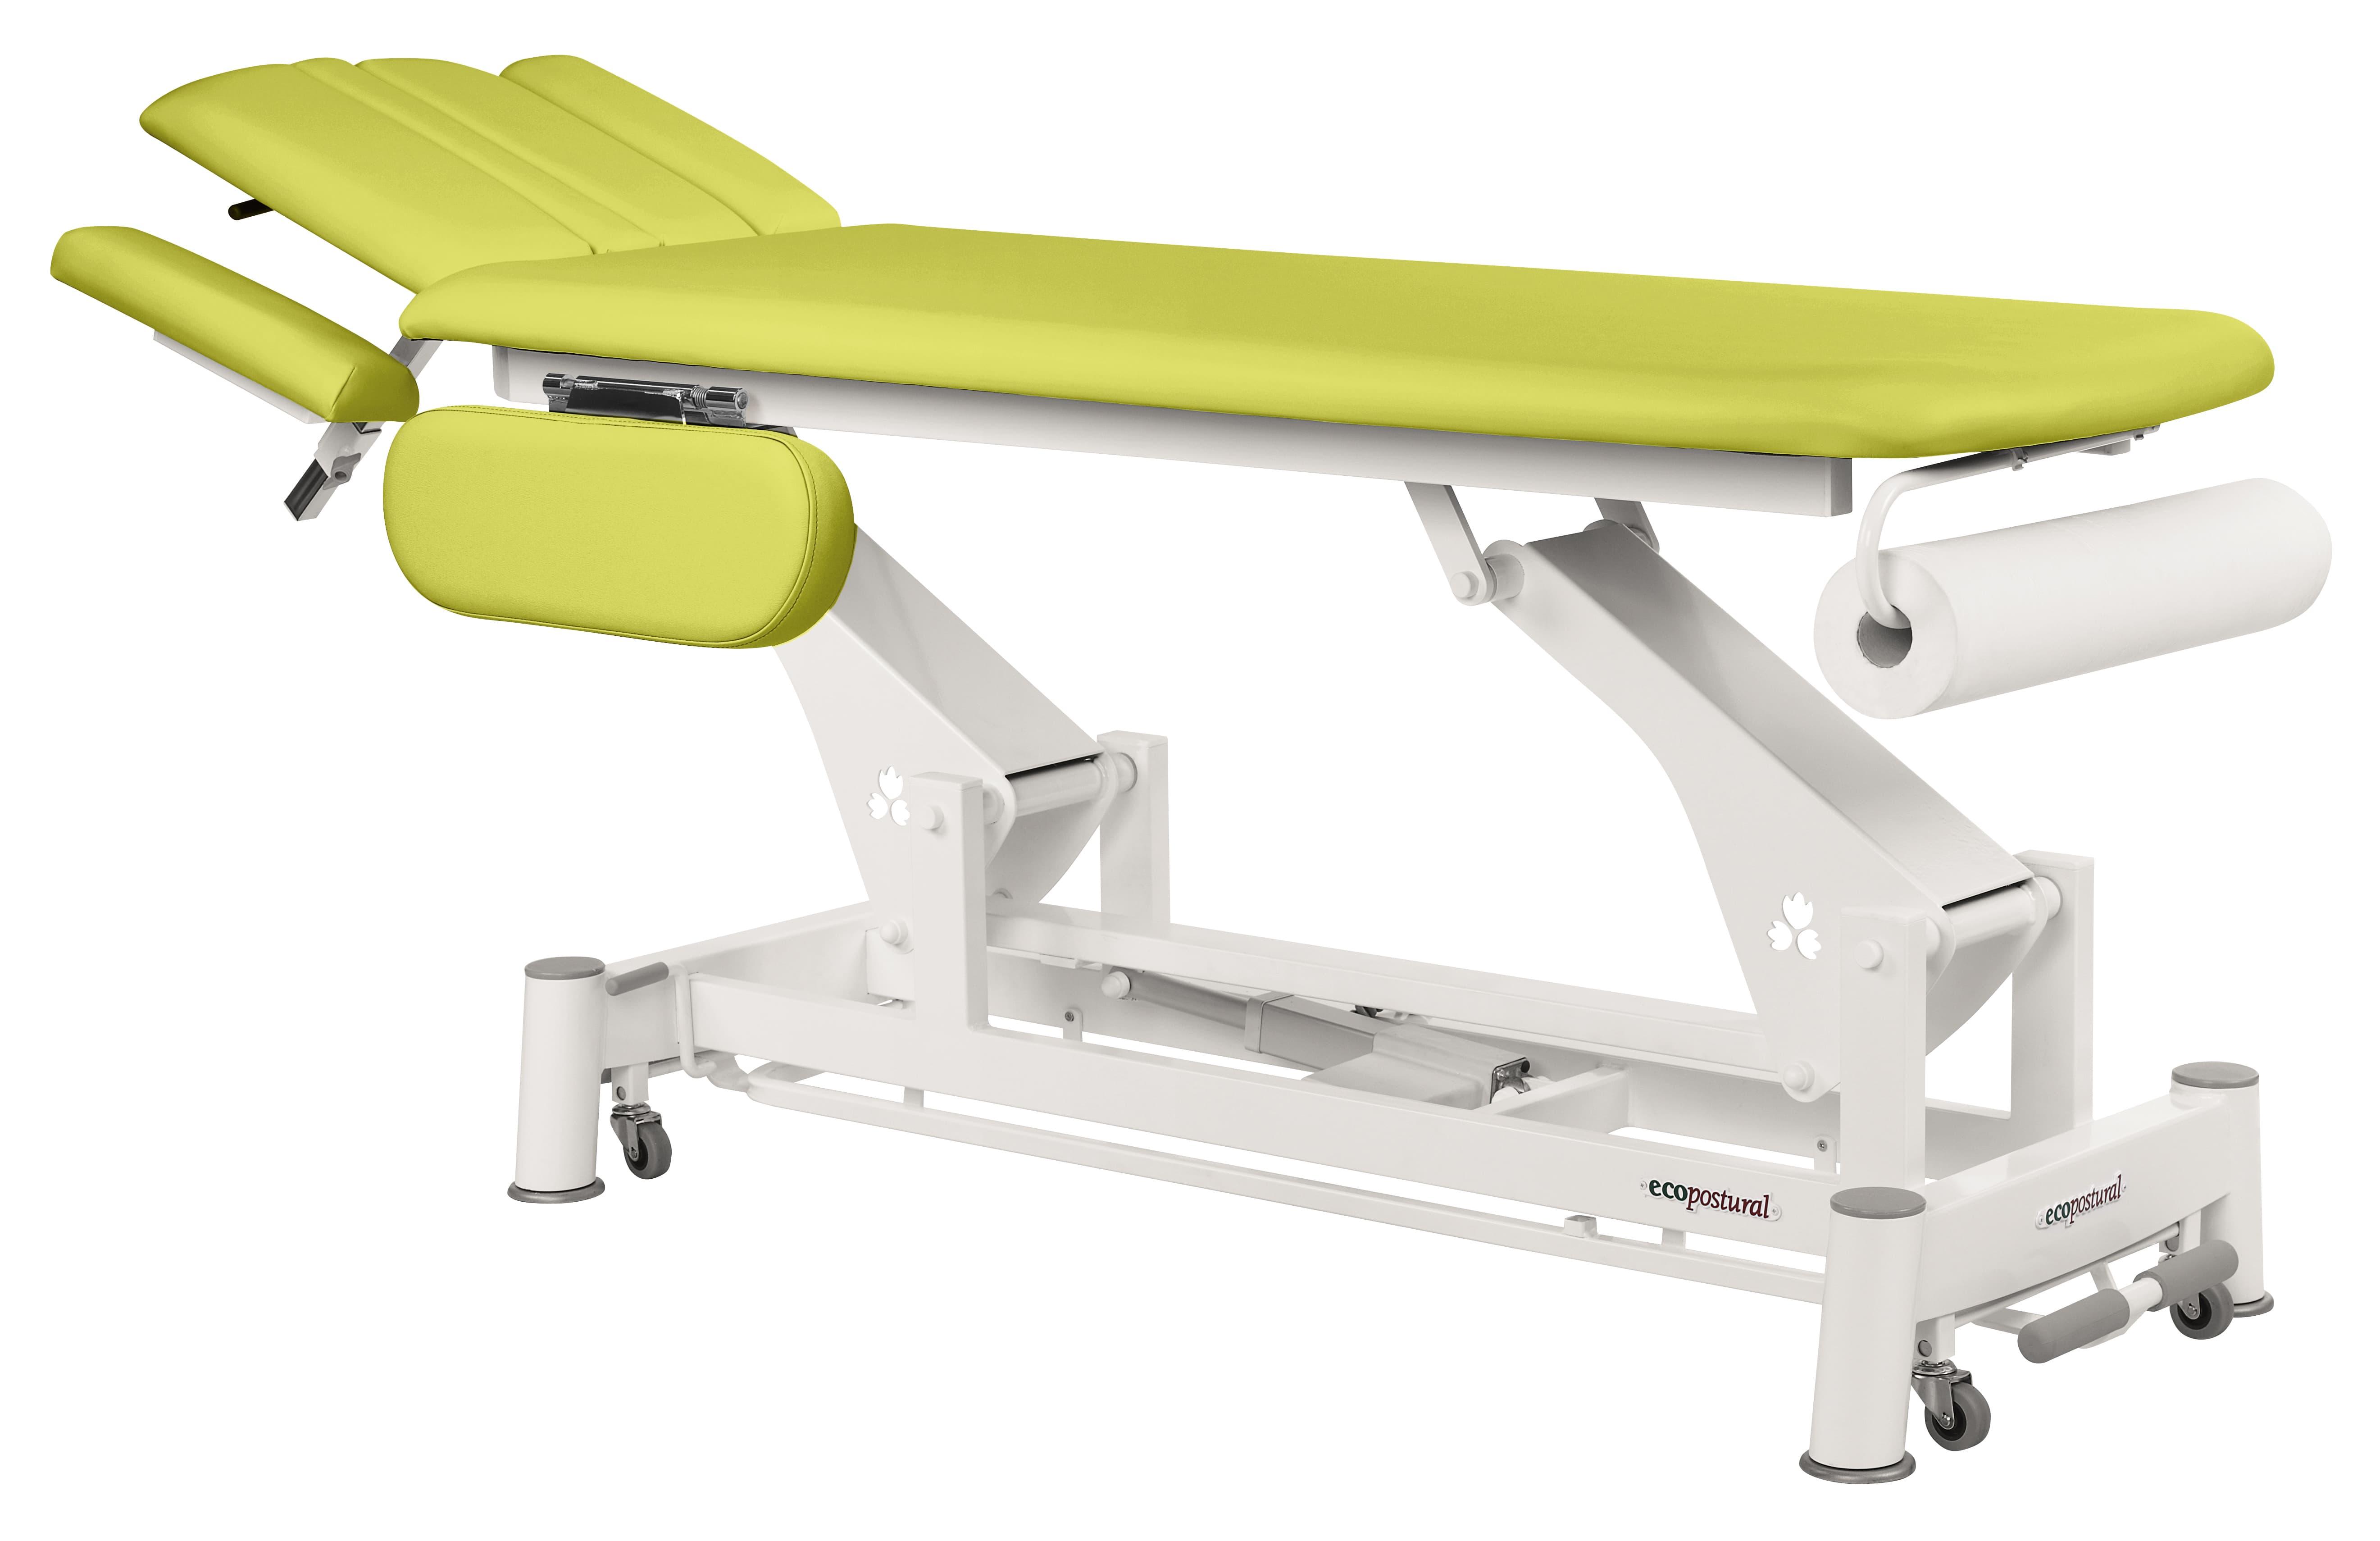 Électrique C5544 Ostéo Ecopostural Massage Avec Accoudoirs De Table K3cFJluT1